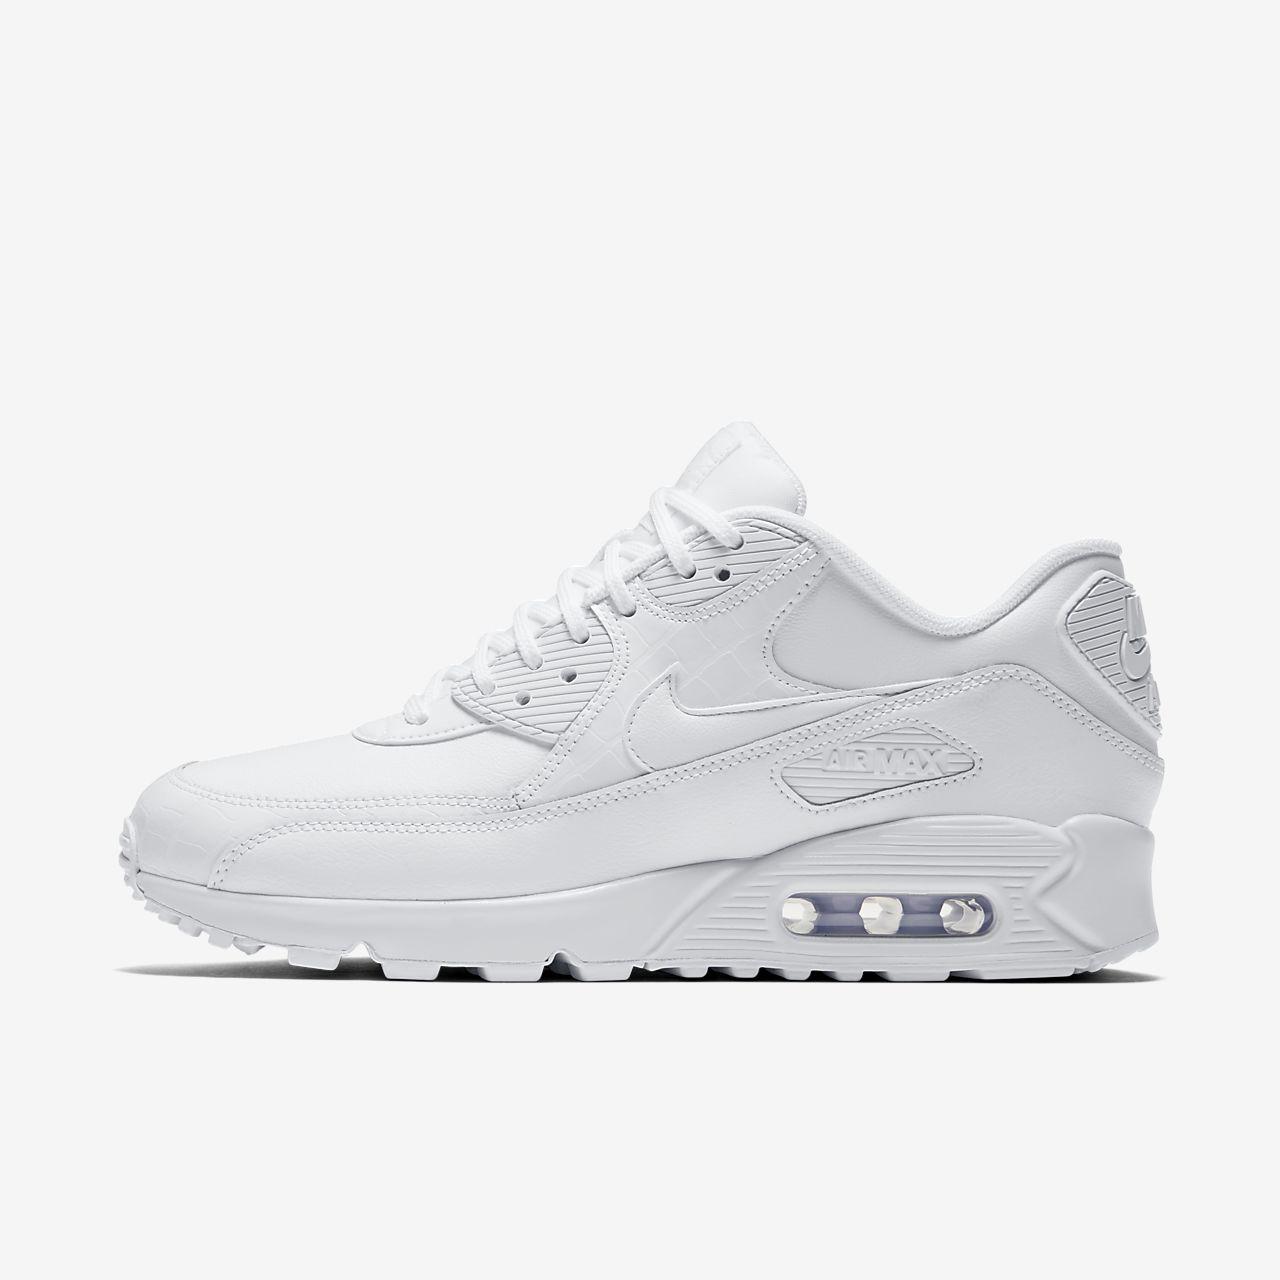 2014 en ligne Nike Air Max 125 Loi où trouver oYwAagi